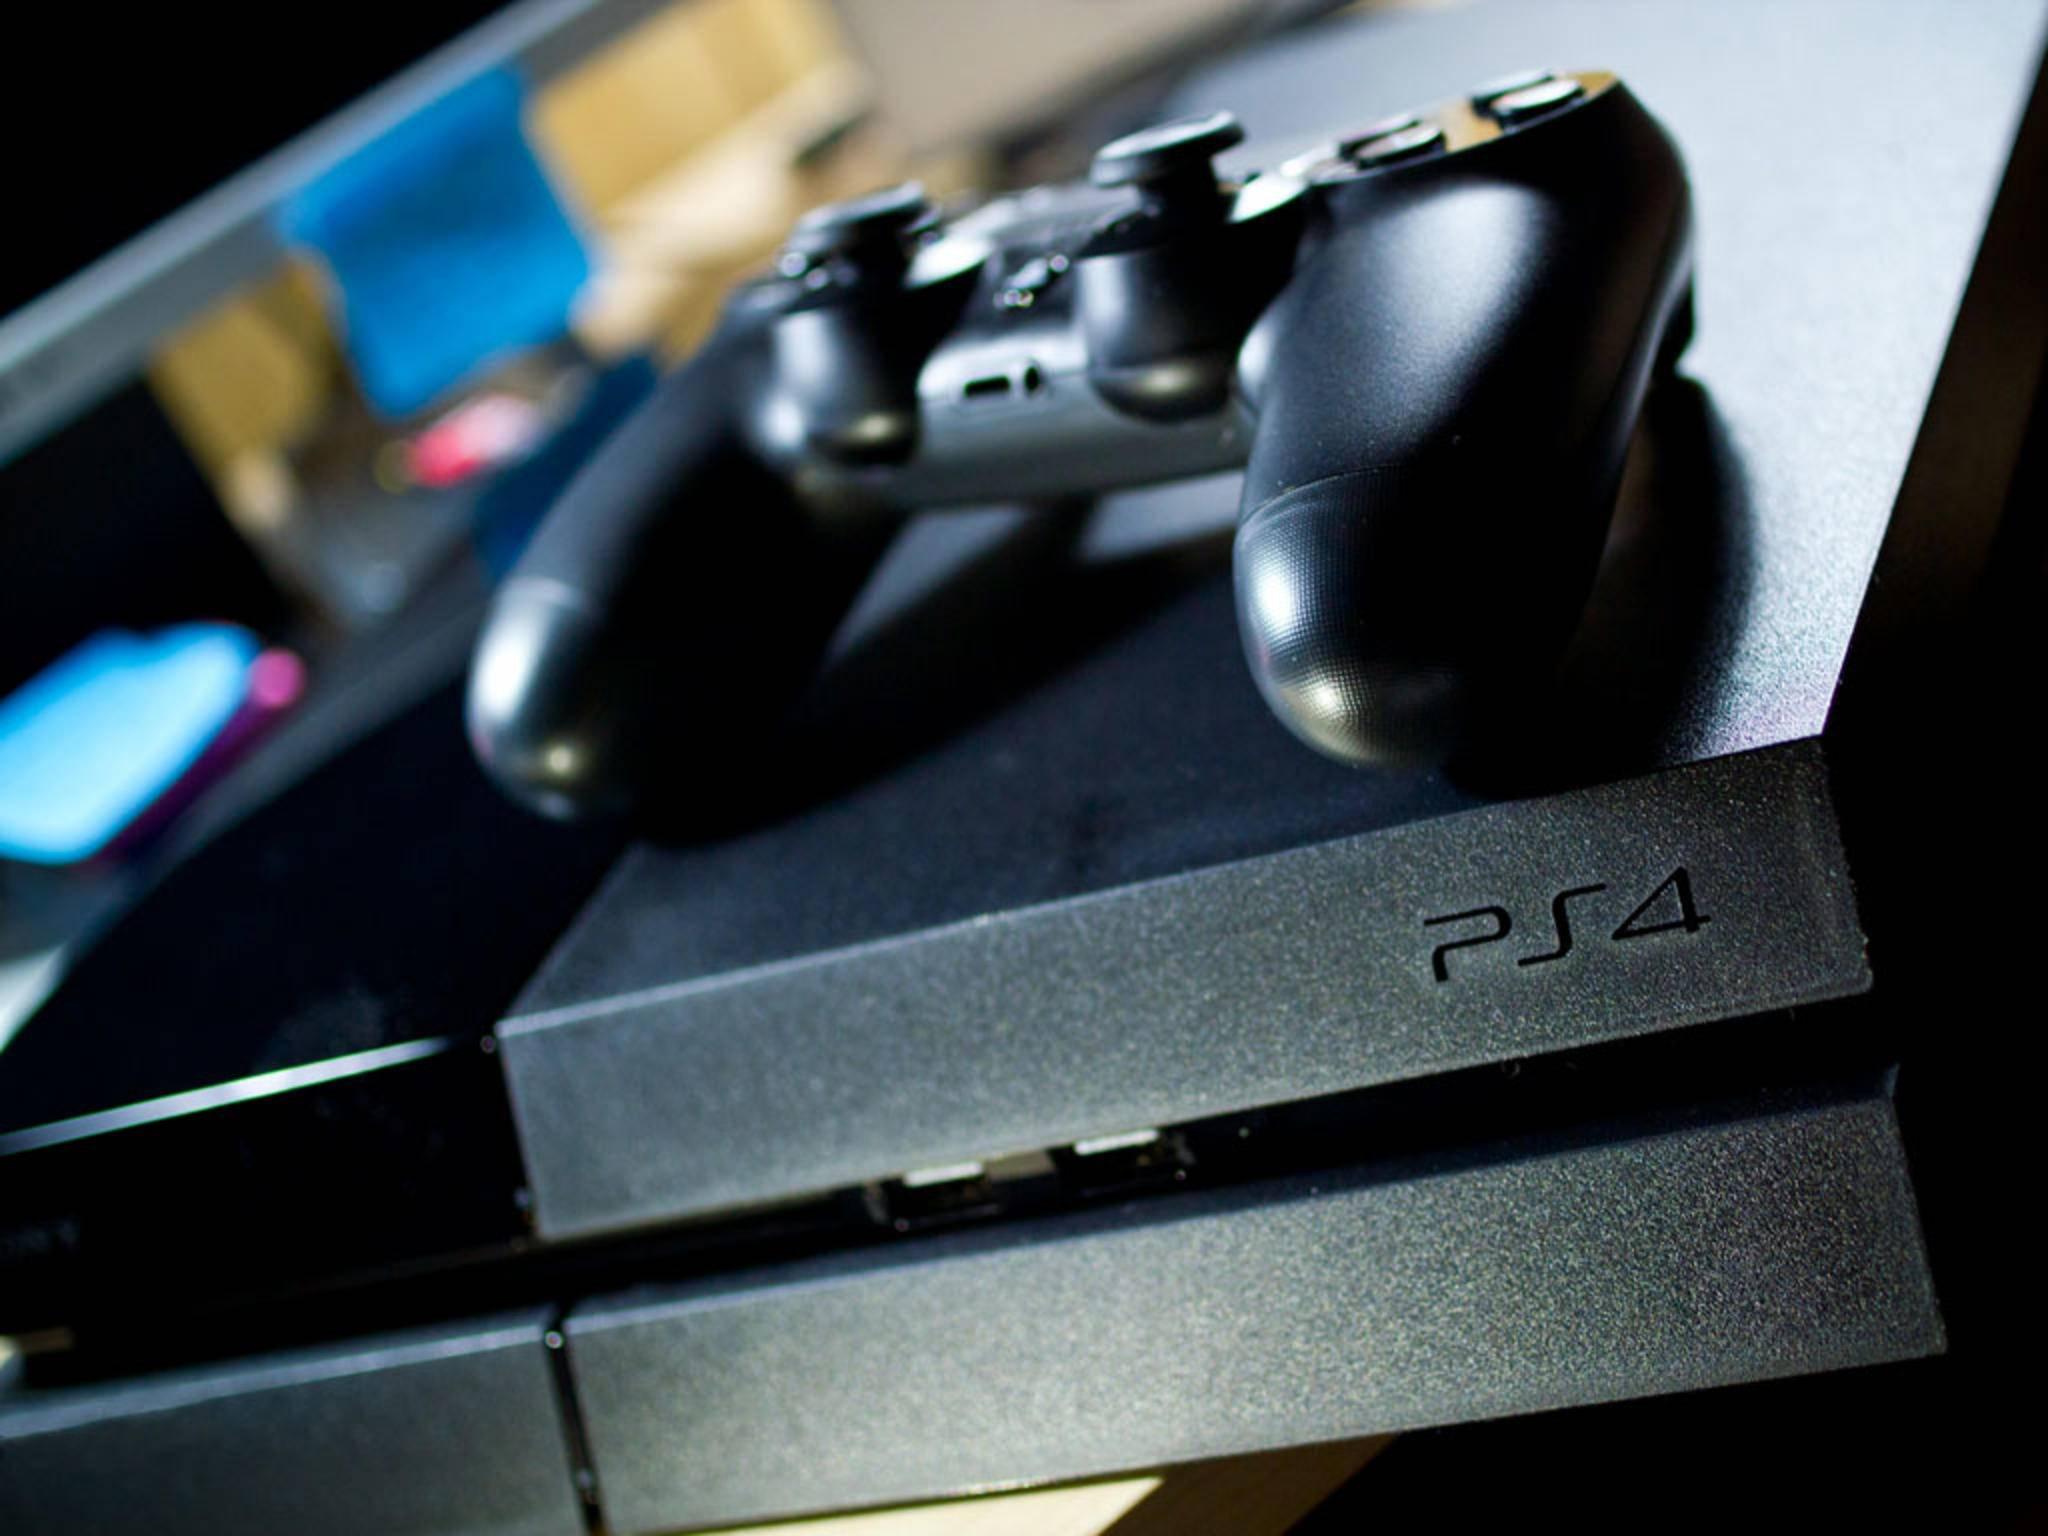 In den USA wurde der Preis für die PS4 gesenkt. Deutschland dürfte bald nachziehen.